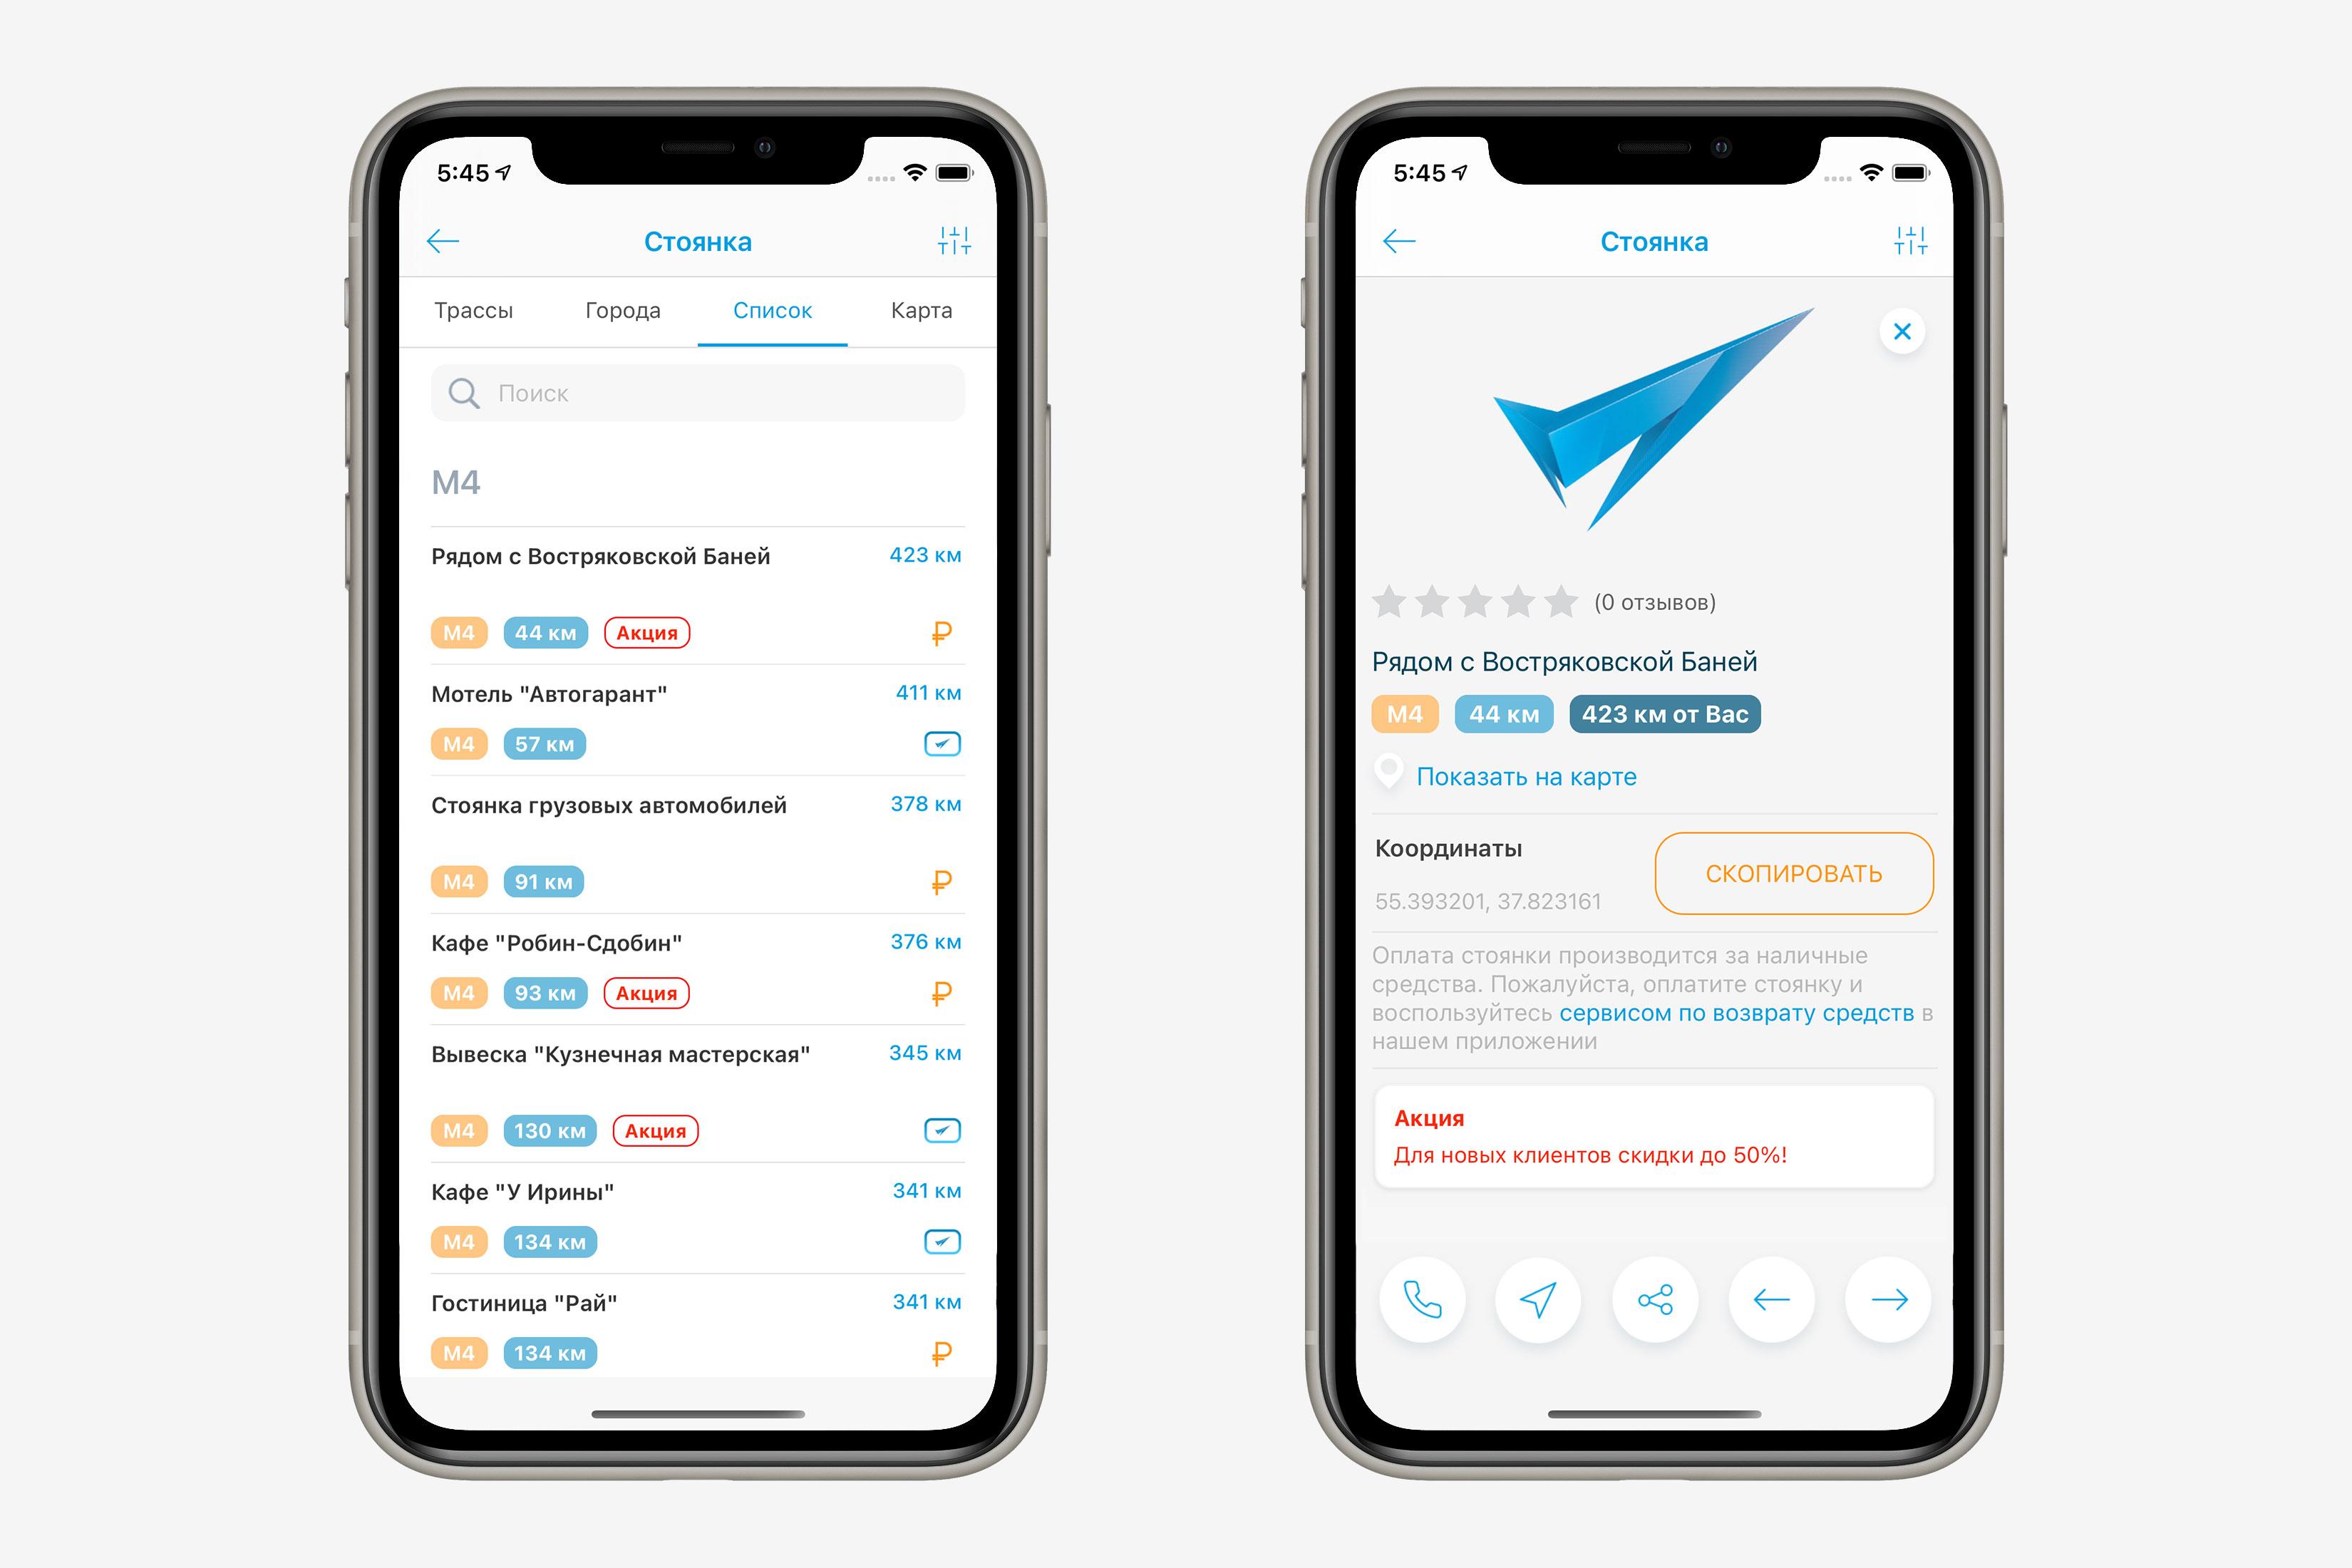 Вывод акций партнеров в iOS